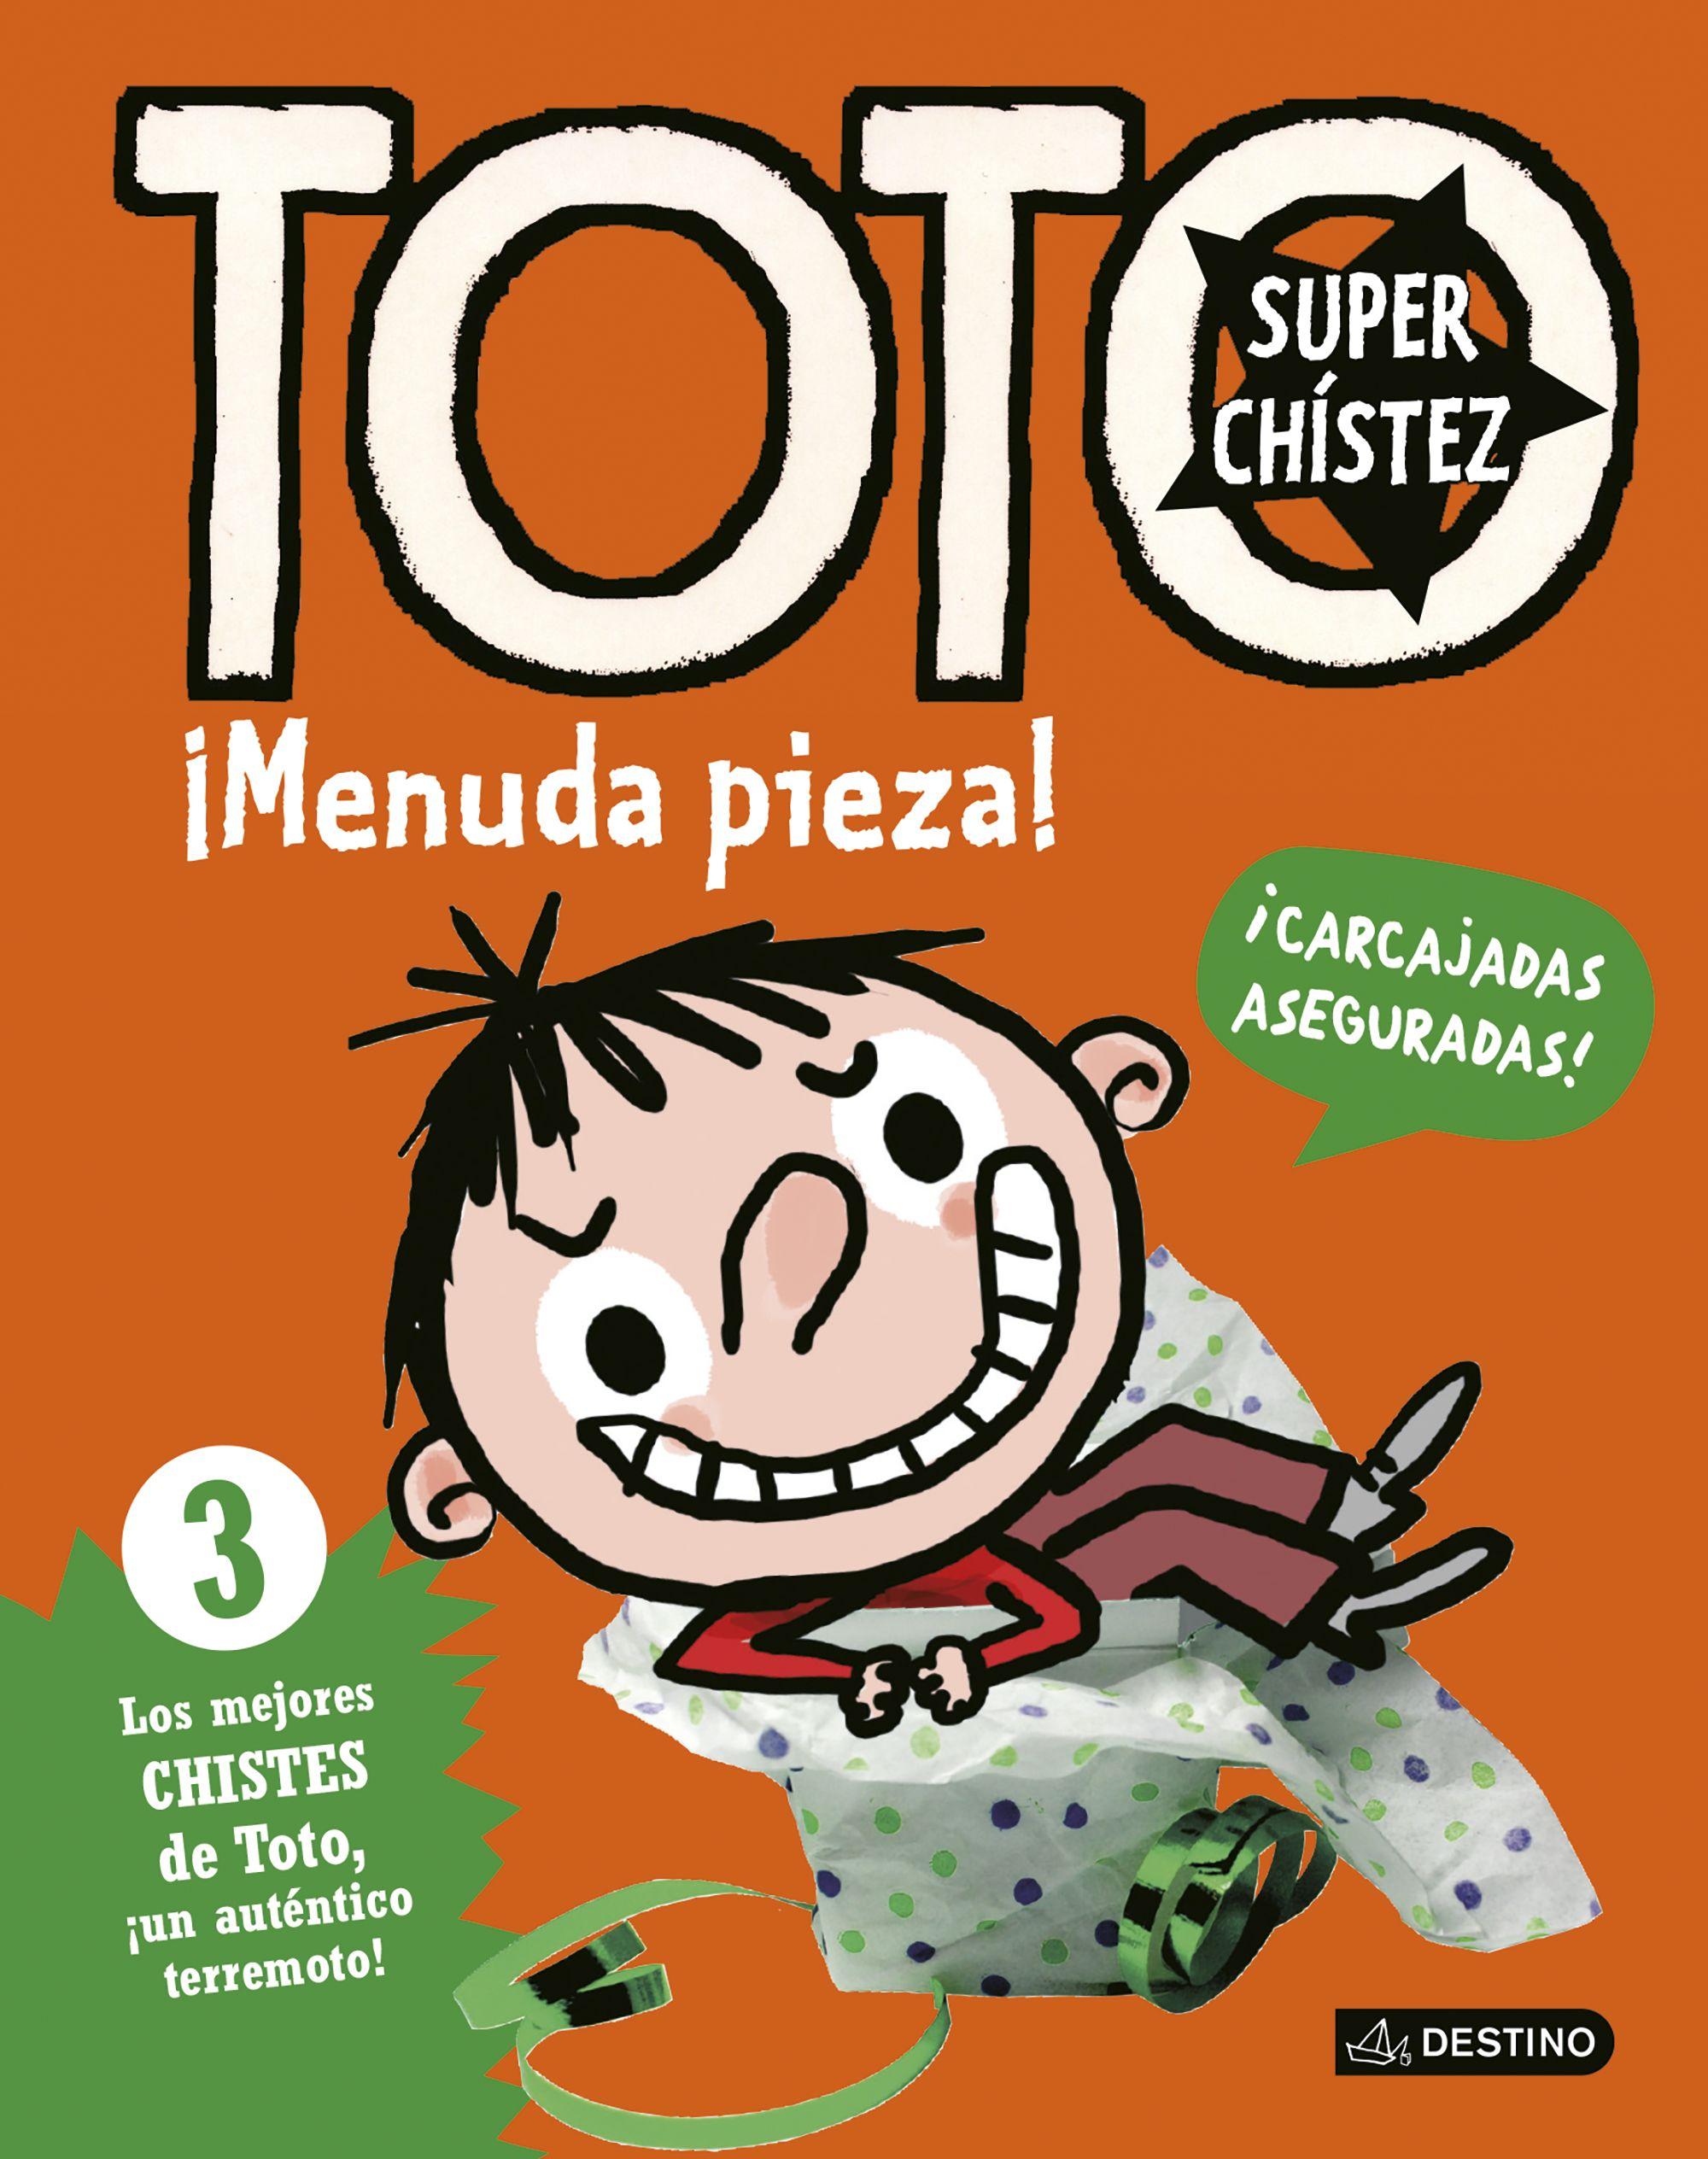 Toto Superchistez. ¡menuda Pieza! por Serge Bloch